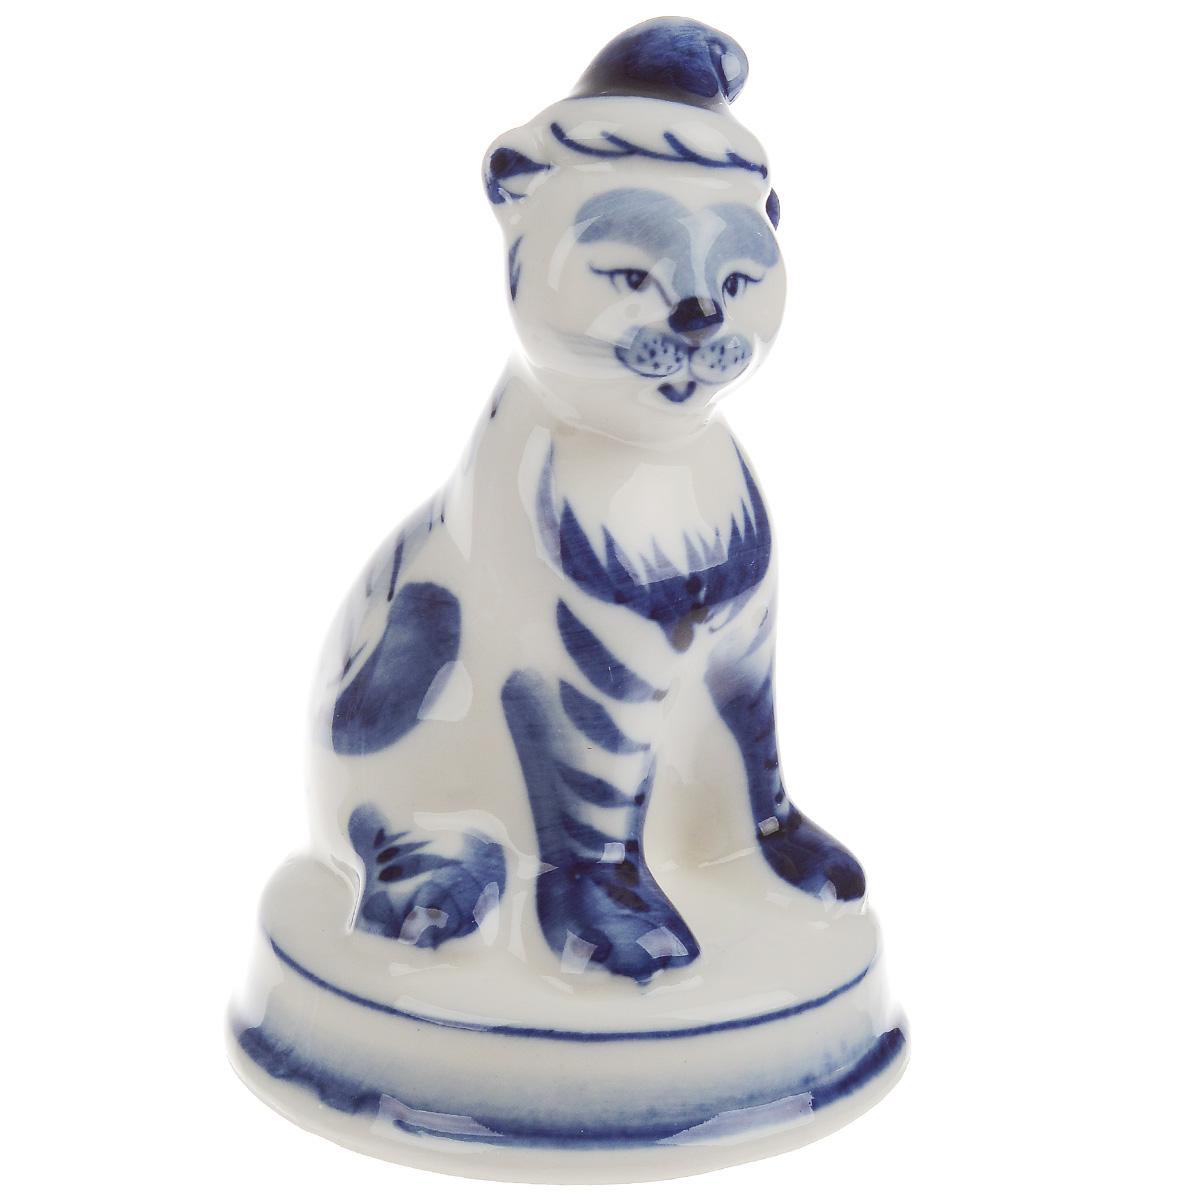 Статуэтка Веселый тигренок, цвет: белый, синий, высота 10,5 смTHN132NОчаровательная статуэтка Веселый тигренок станет оригинальным подарком для всех любителей красивых вещей. Она выполнена из фарфора в виде забавного тигренка и оформлена гжельской росписью.Изысканный сувенир станет прекрасным дополнением к интерьеру. Вы можете поставить статуэтку в любом месте, где она будет удачно смотреться, и радовать глаз.